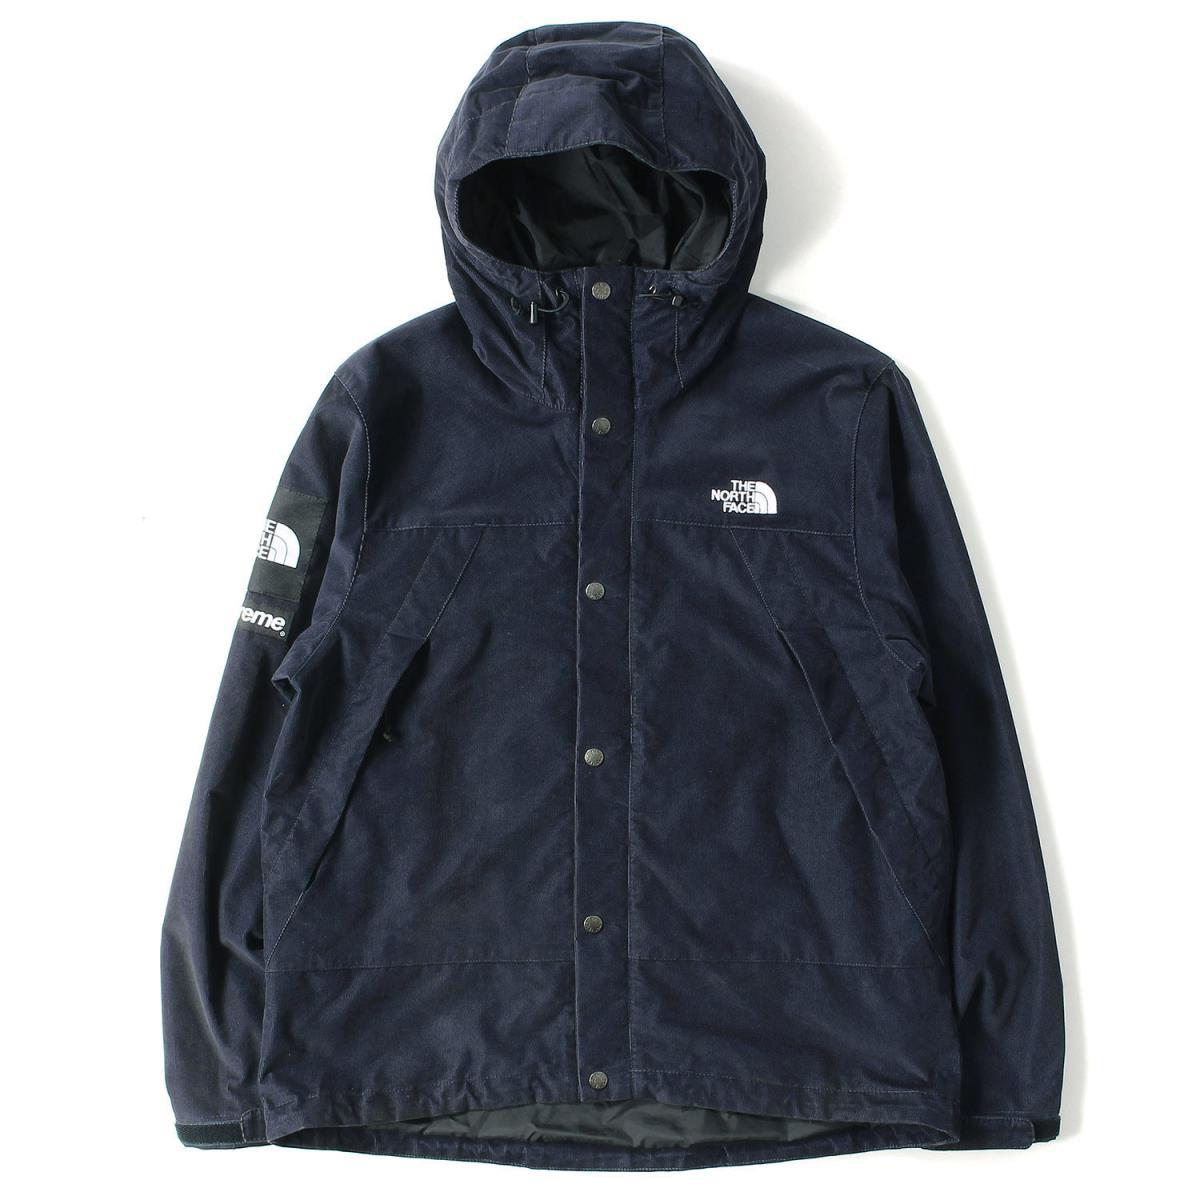 Supreme (シュプリーム) 12A/W ×THE NORTH FACE コーデュロイマウンテンパーカー(Mountain shell Jacket) ネイビー M 【メンズ】【K2081】【中古】【あす楽☆対応可】